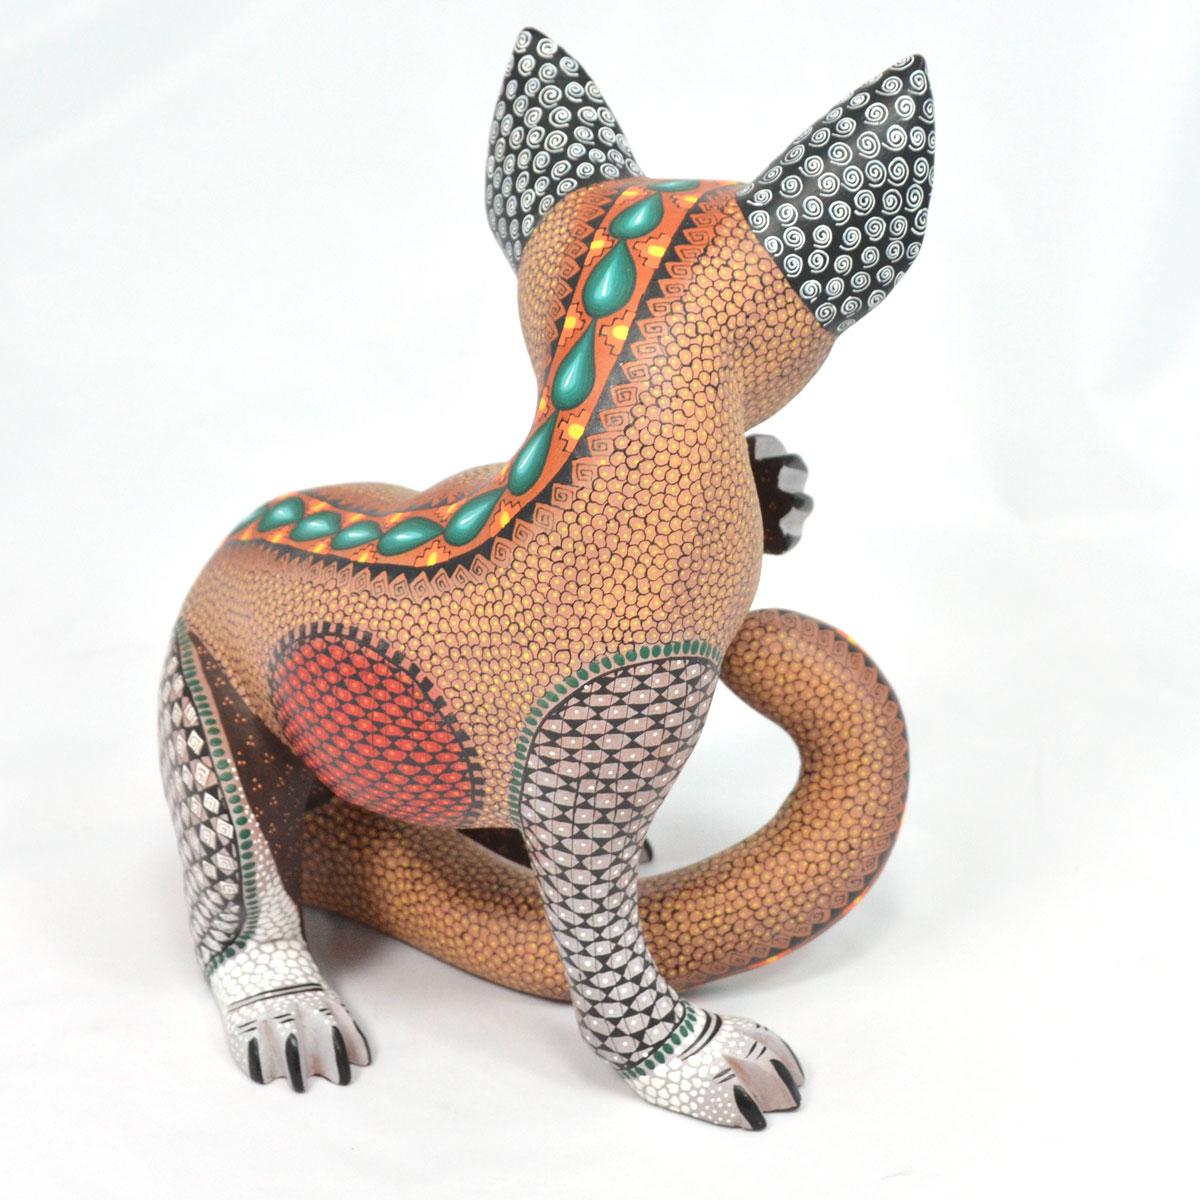 Eduardo Fabian Eduardo Fabian: Coyote Coyotes